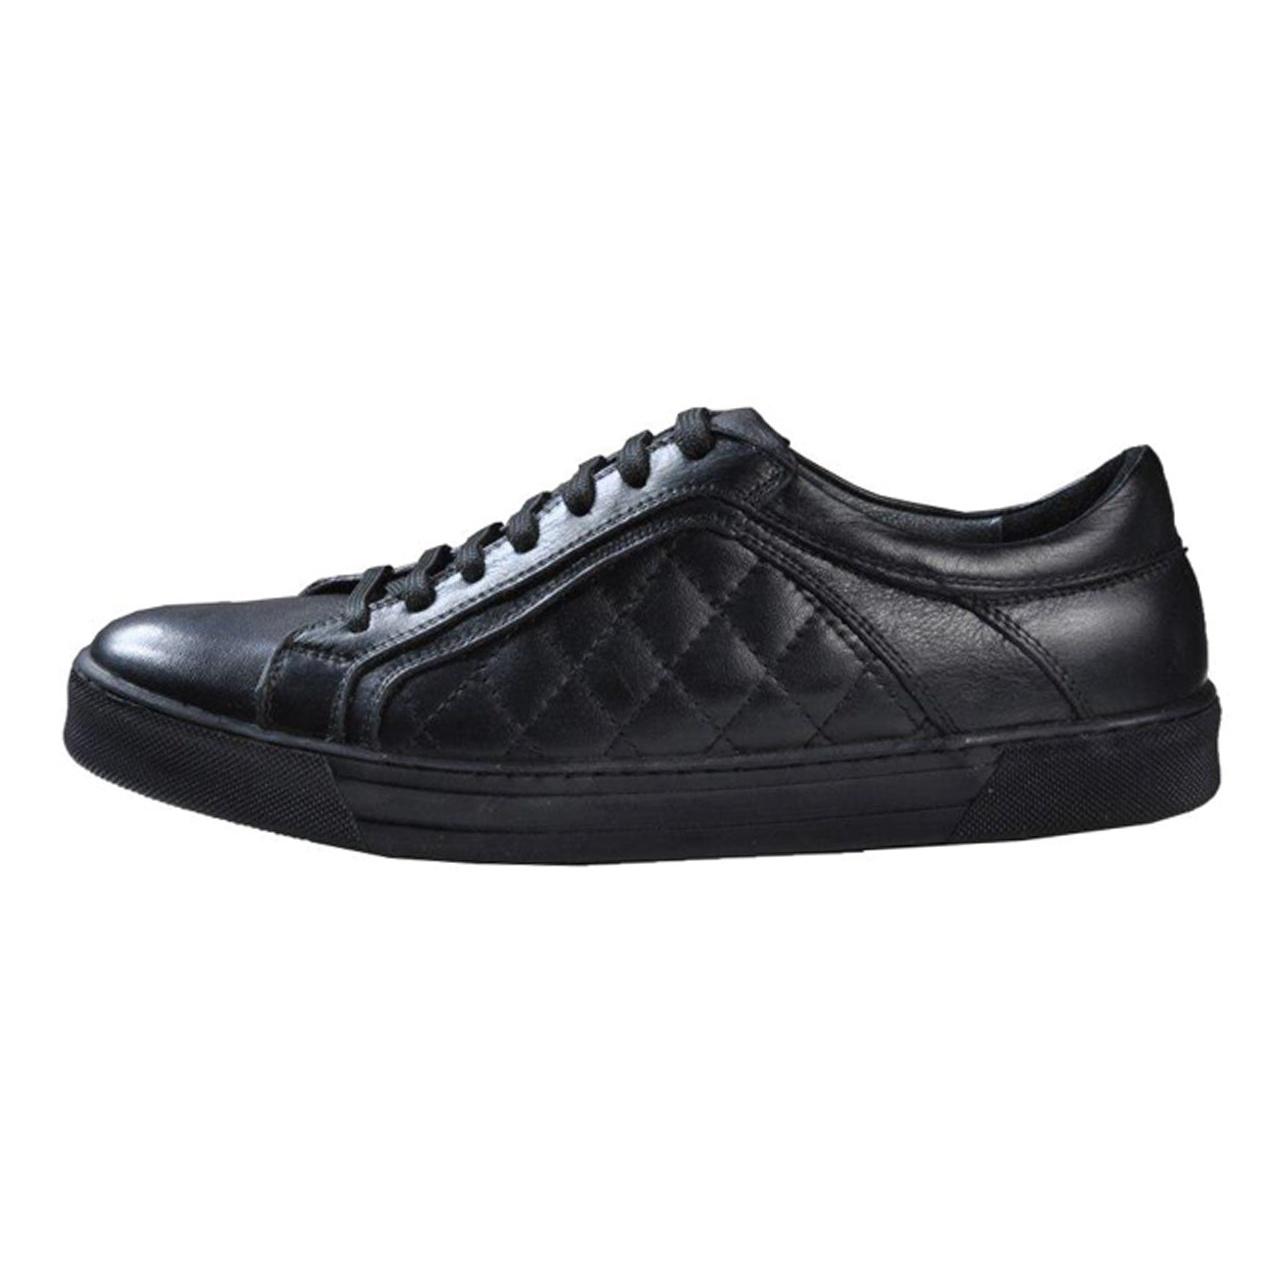 کفش چرم اسپورت مردانه آریوان مدل AR114M